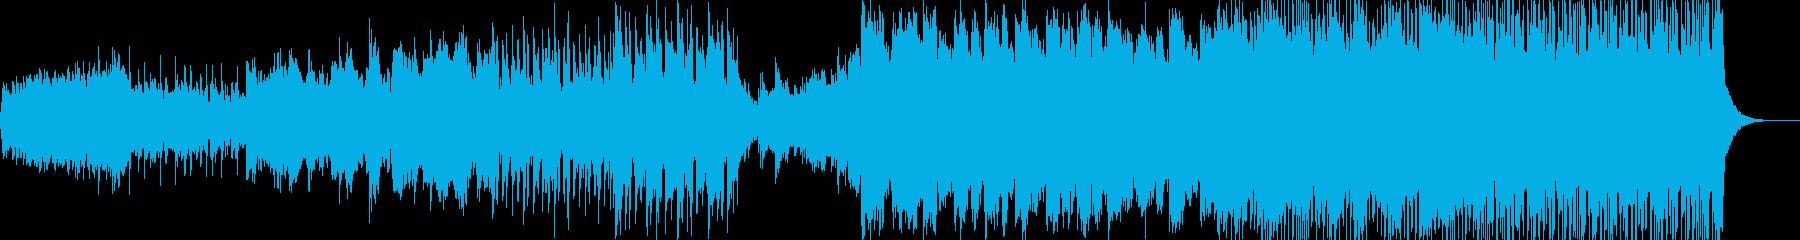 シネマティックなインストの再生済みの波形